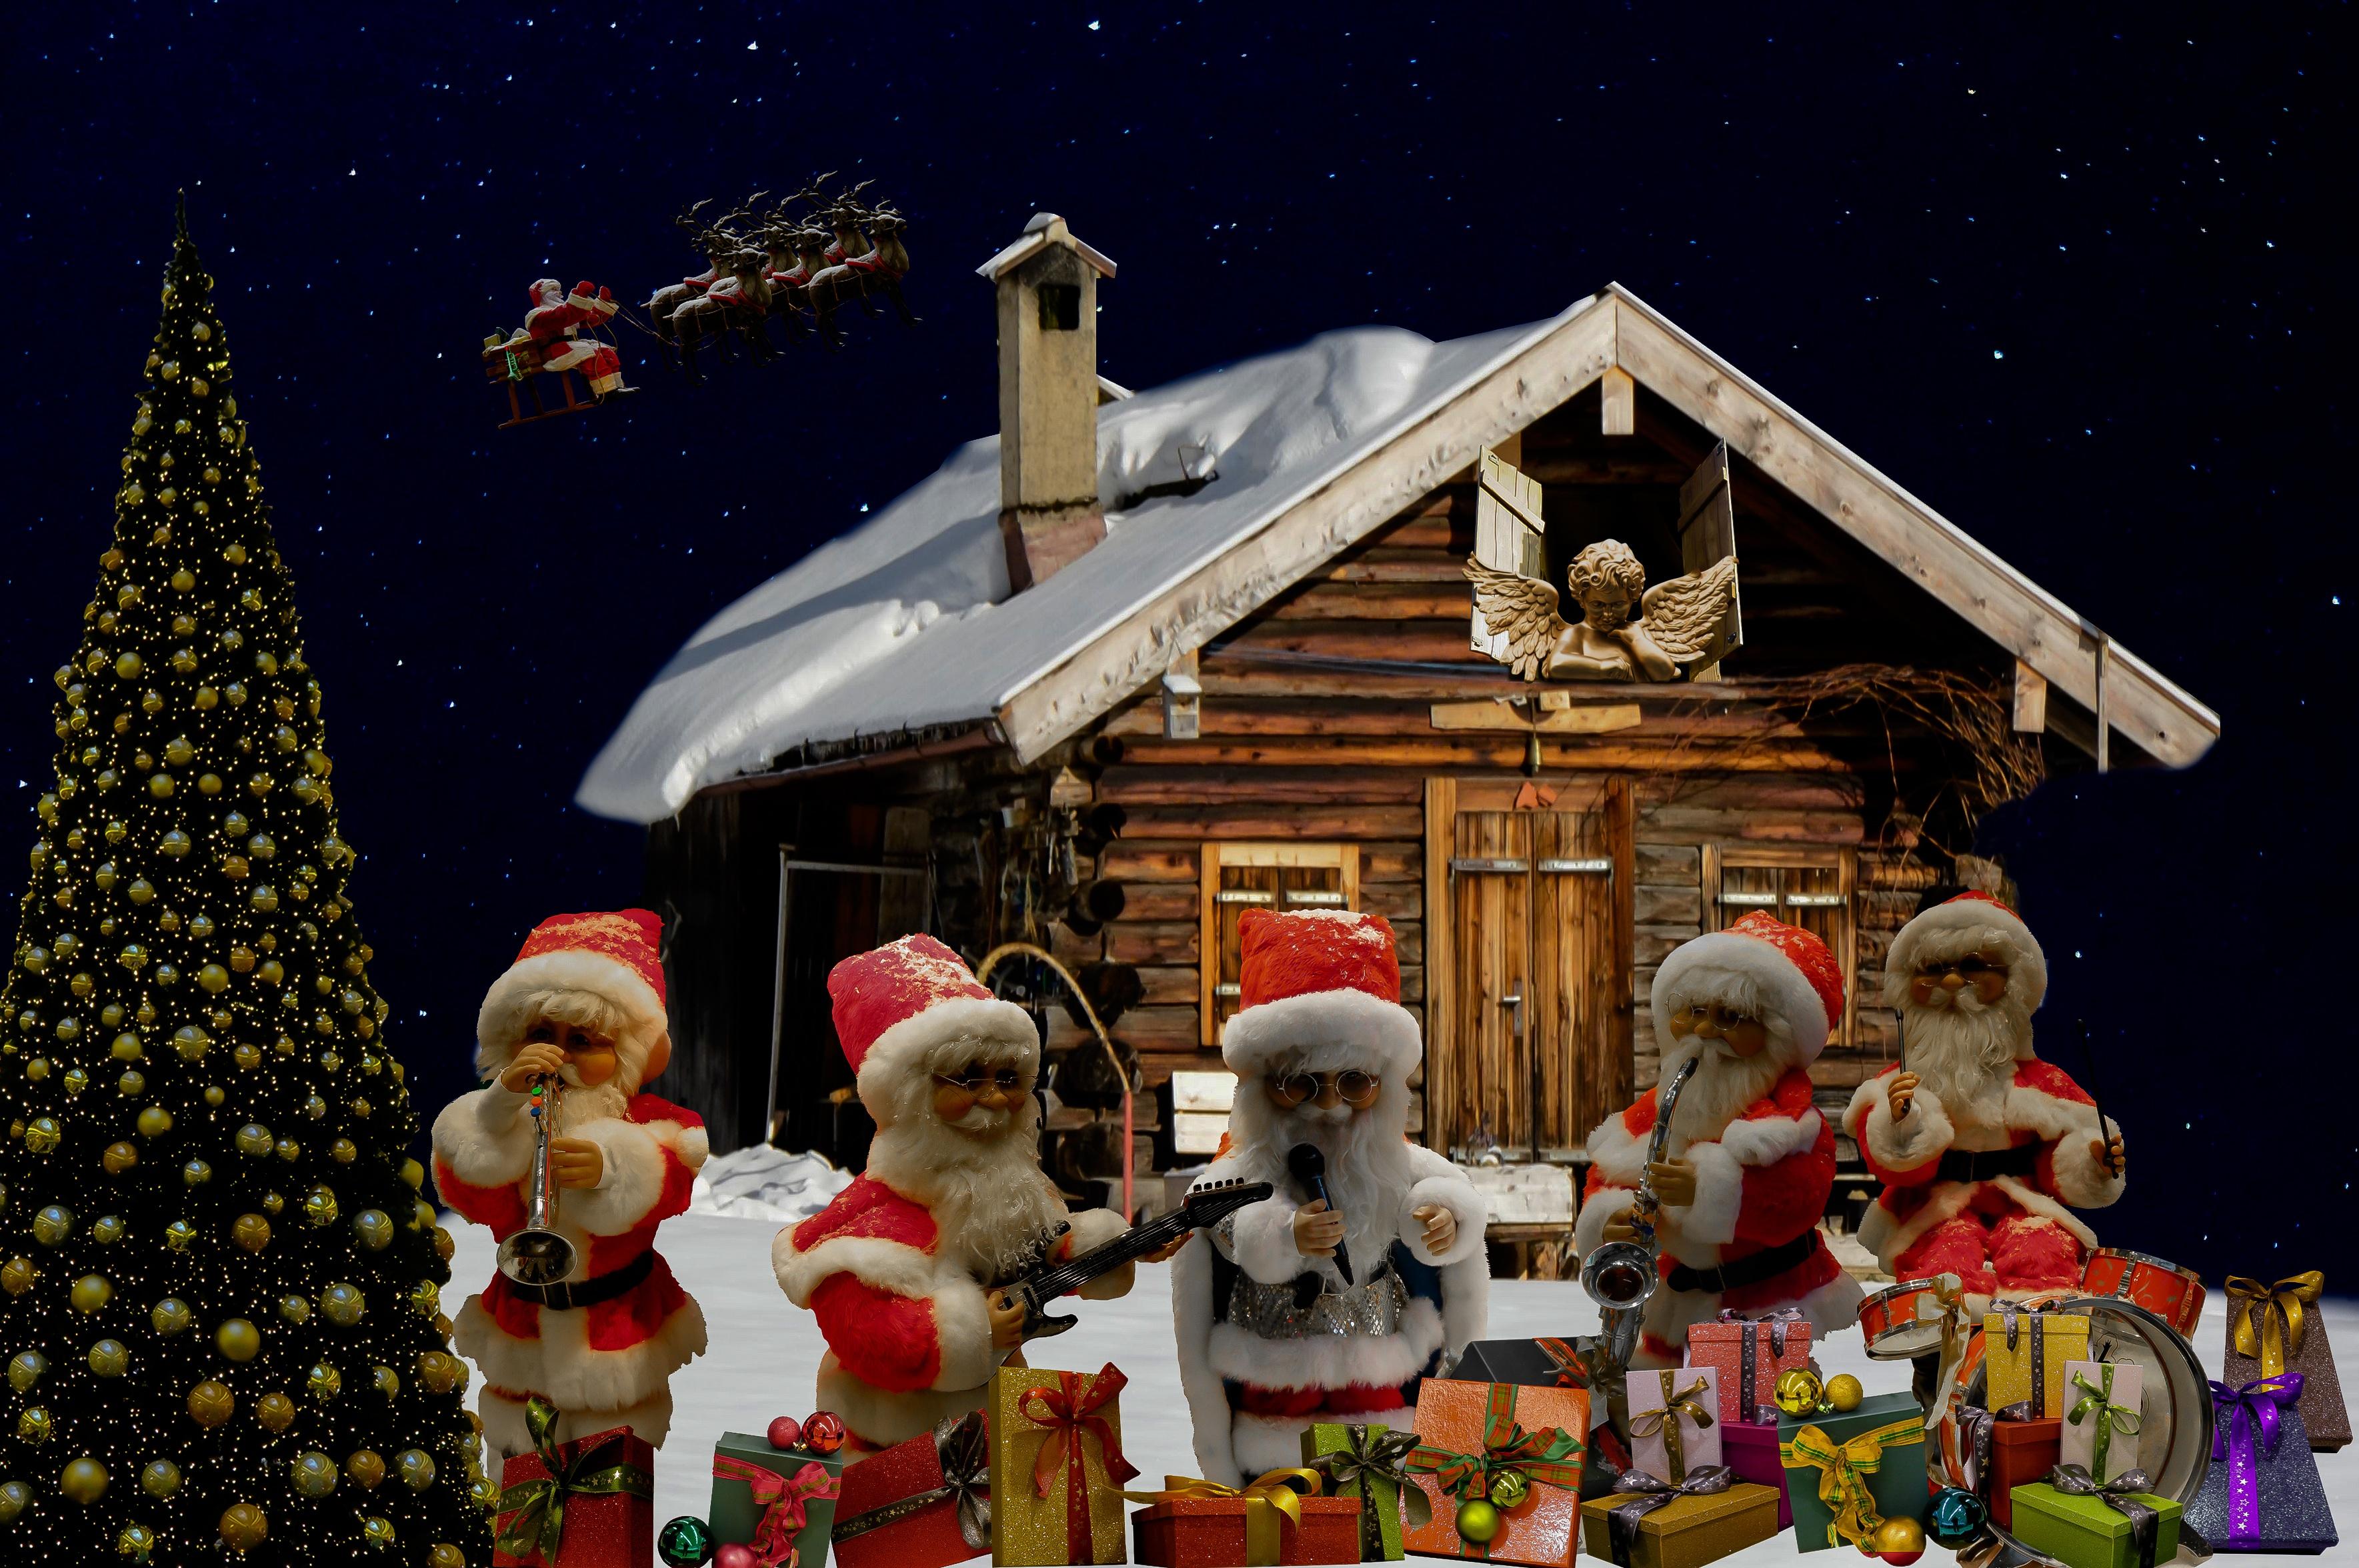 Gambar Liburan Hari Natal Pohon Natal Dekorasi Natal Hadiah